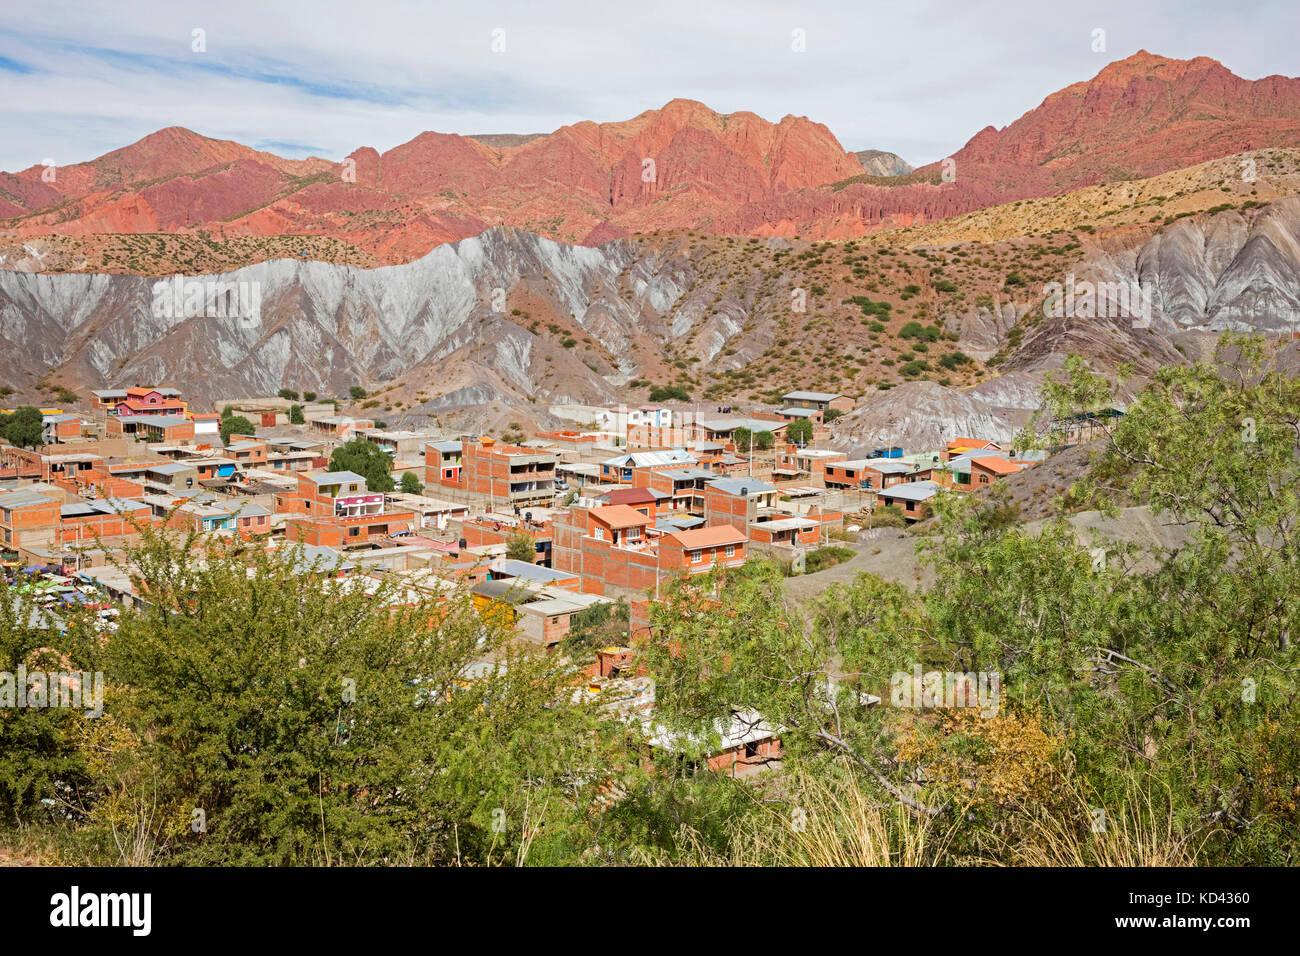 Veduta aerea tupiza, città capitale del sud chichas provincia entro il dipartimento di Potosí, Bolivia Immagini Stock